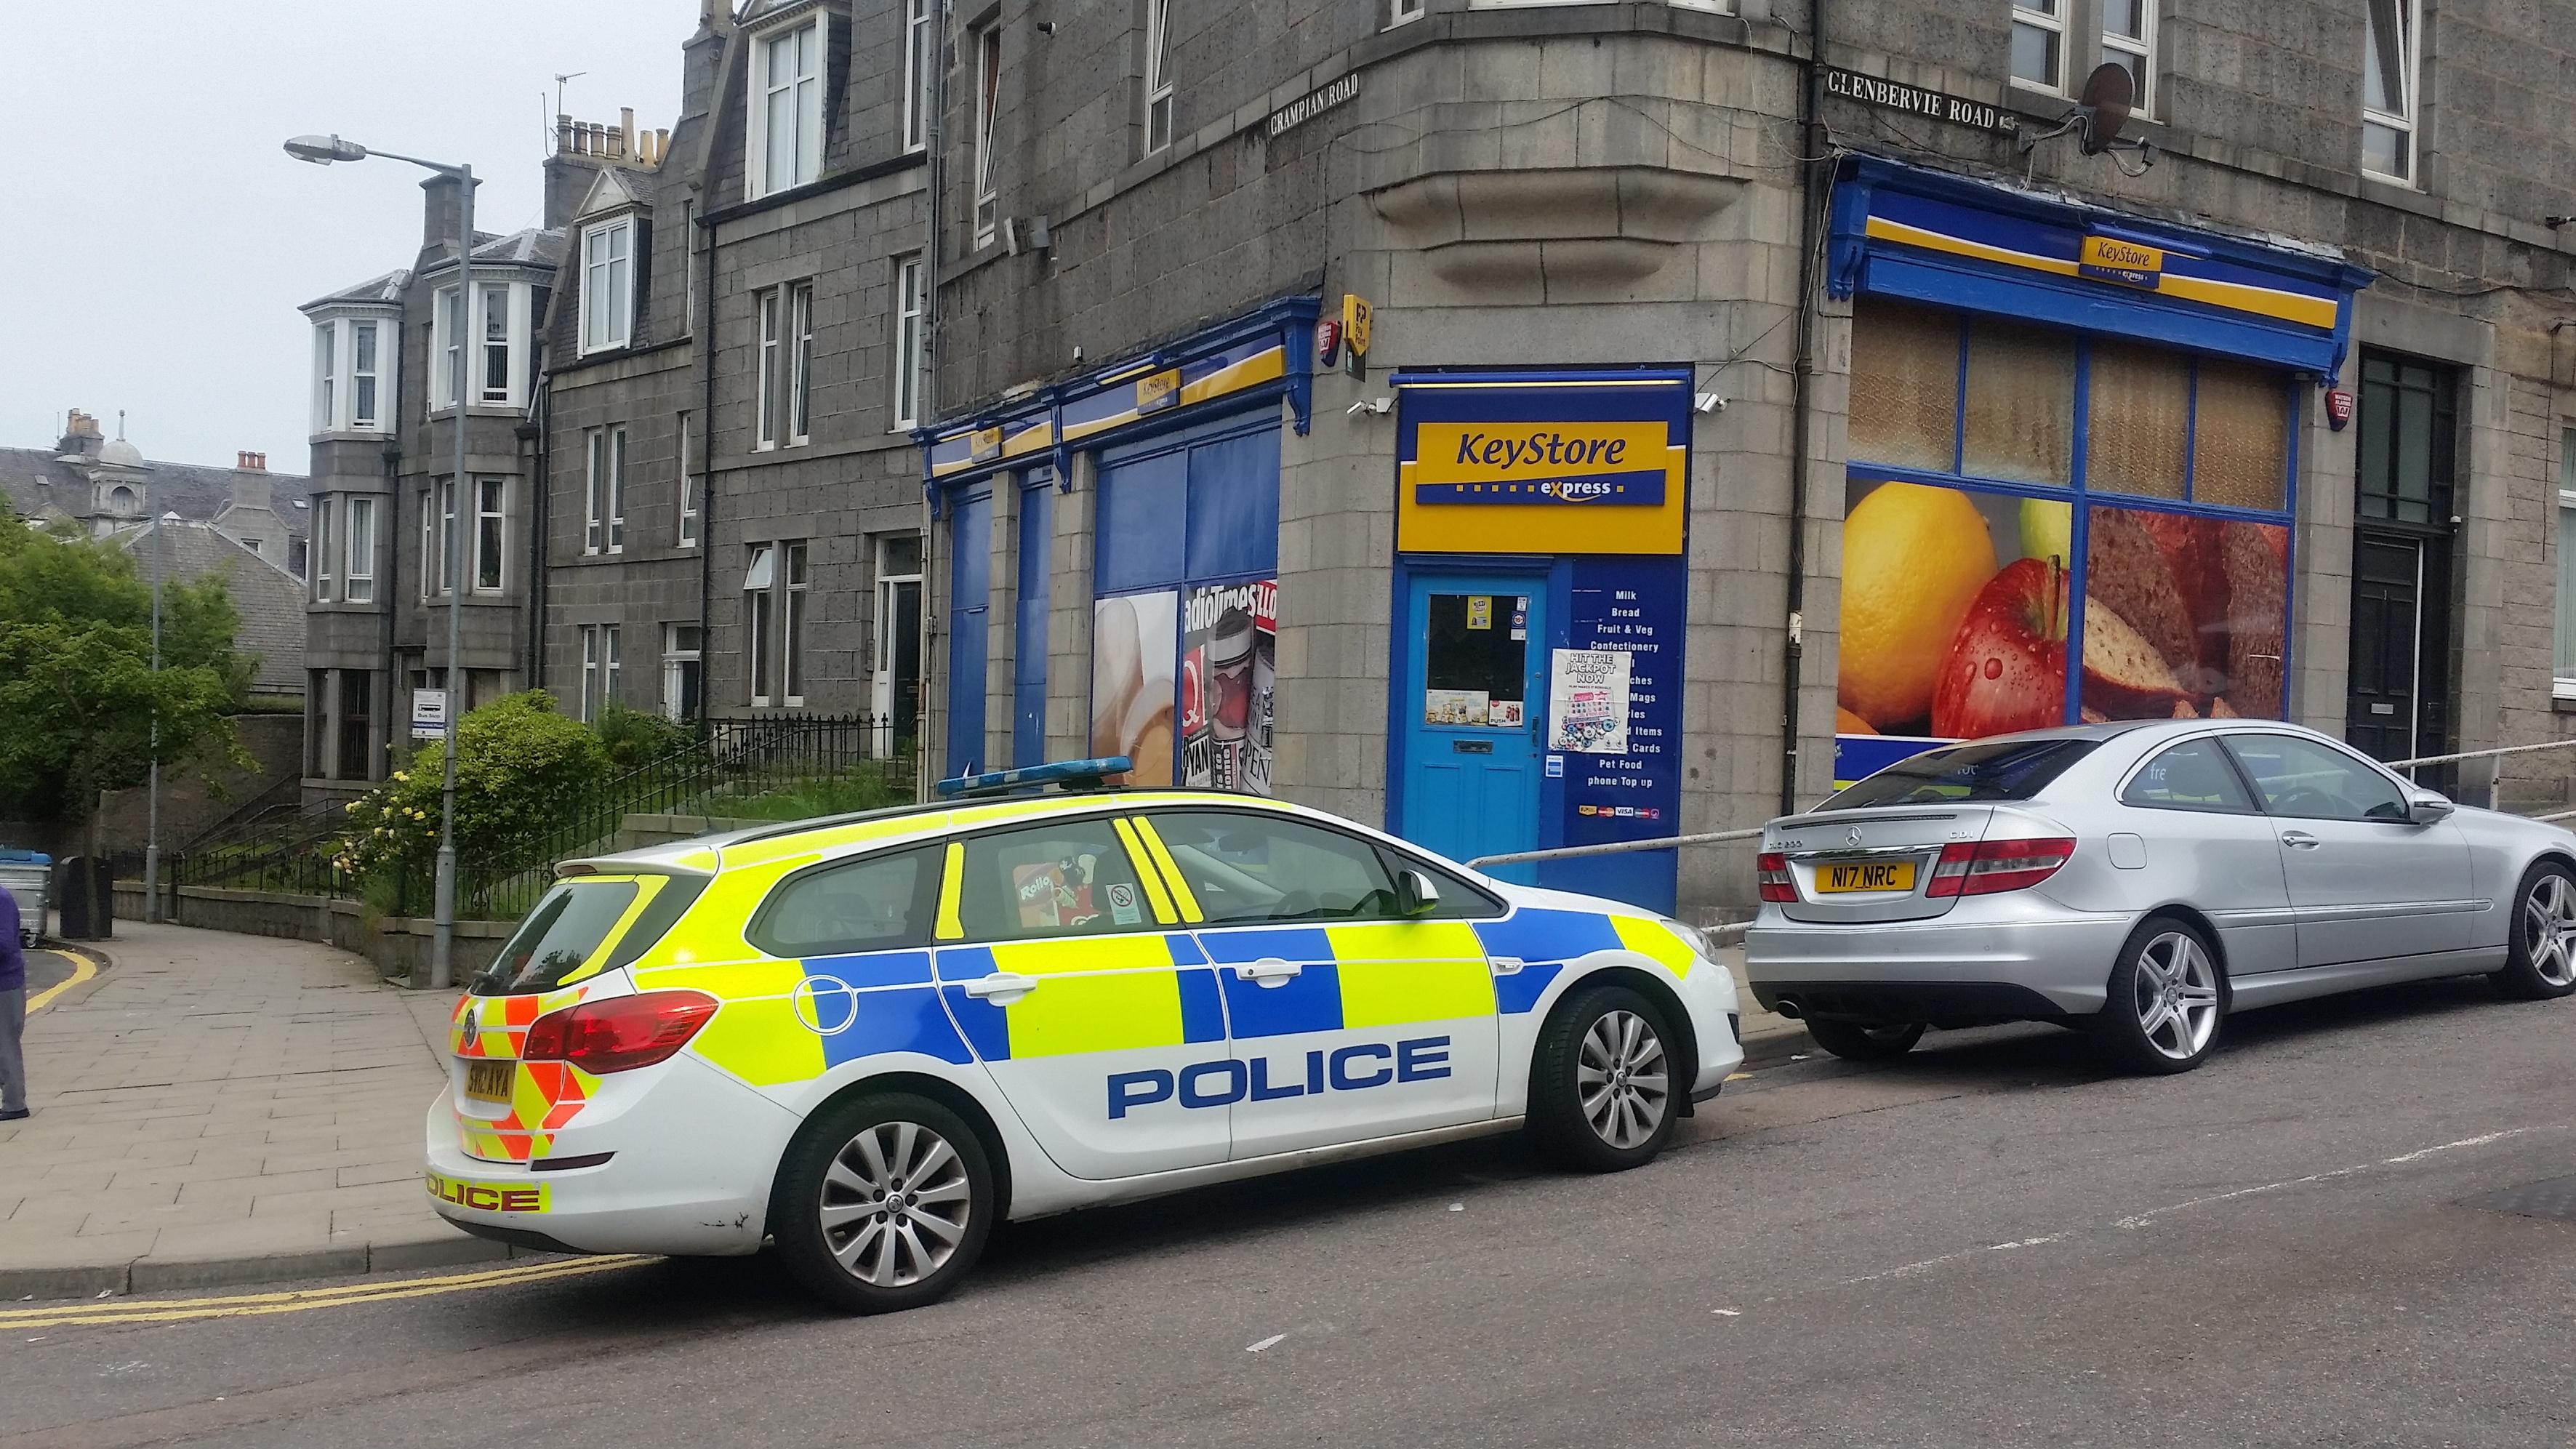 Police near the scene on Grampian Road.